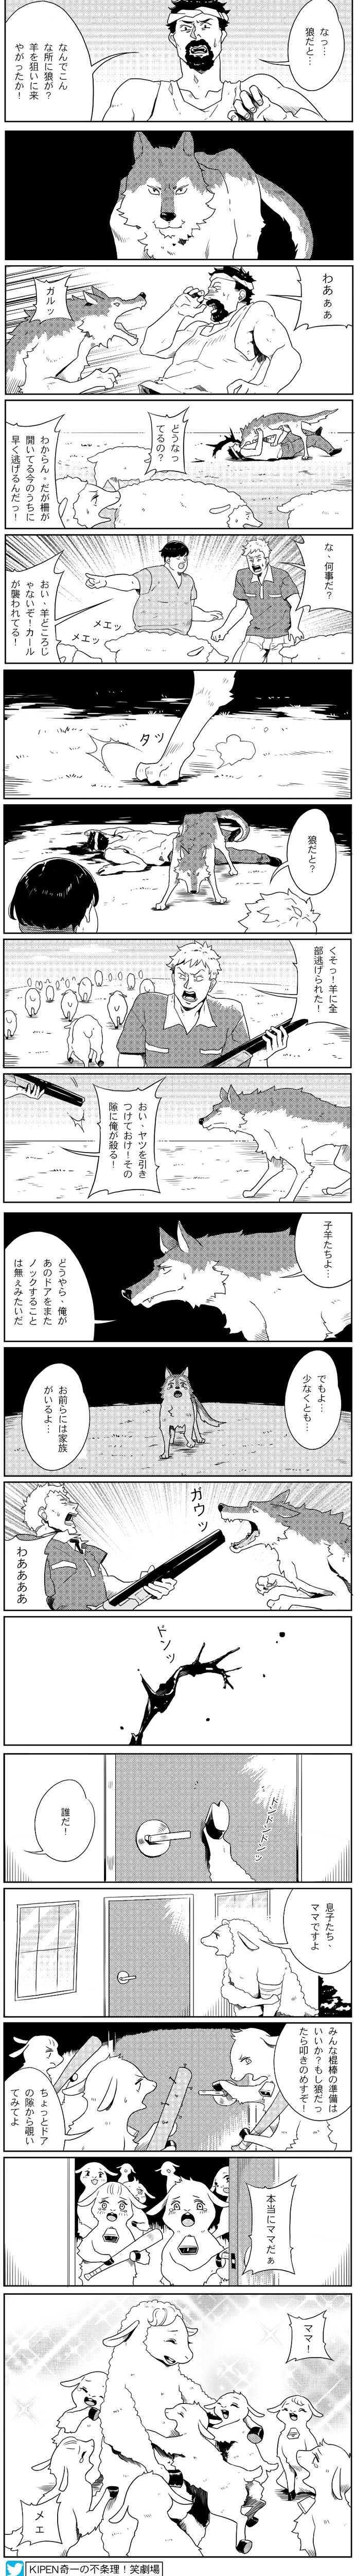 狼と七匹の子羊たち